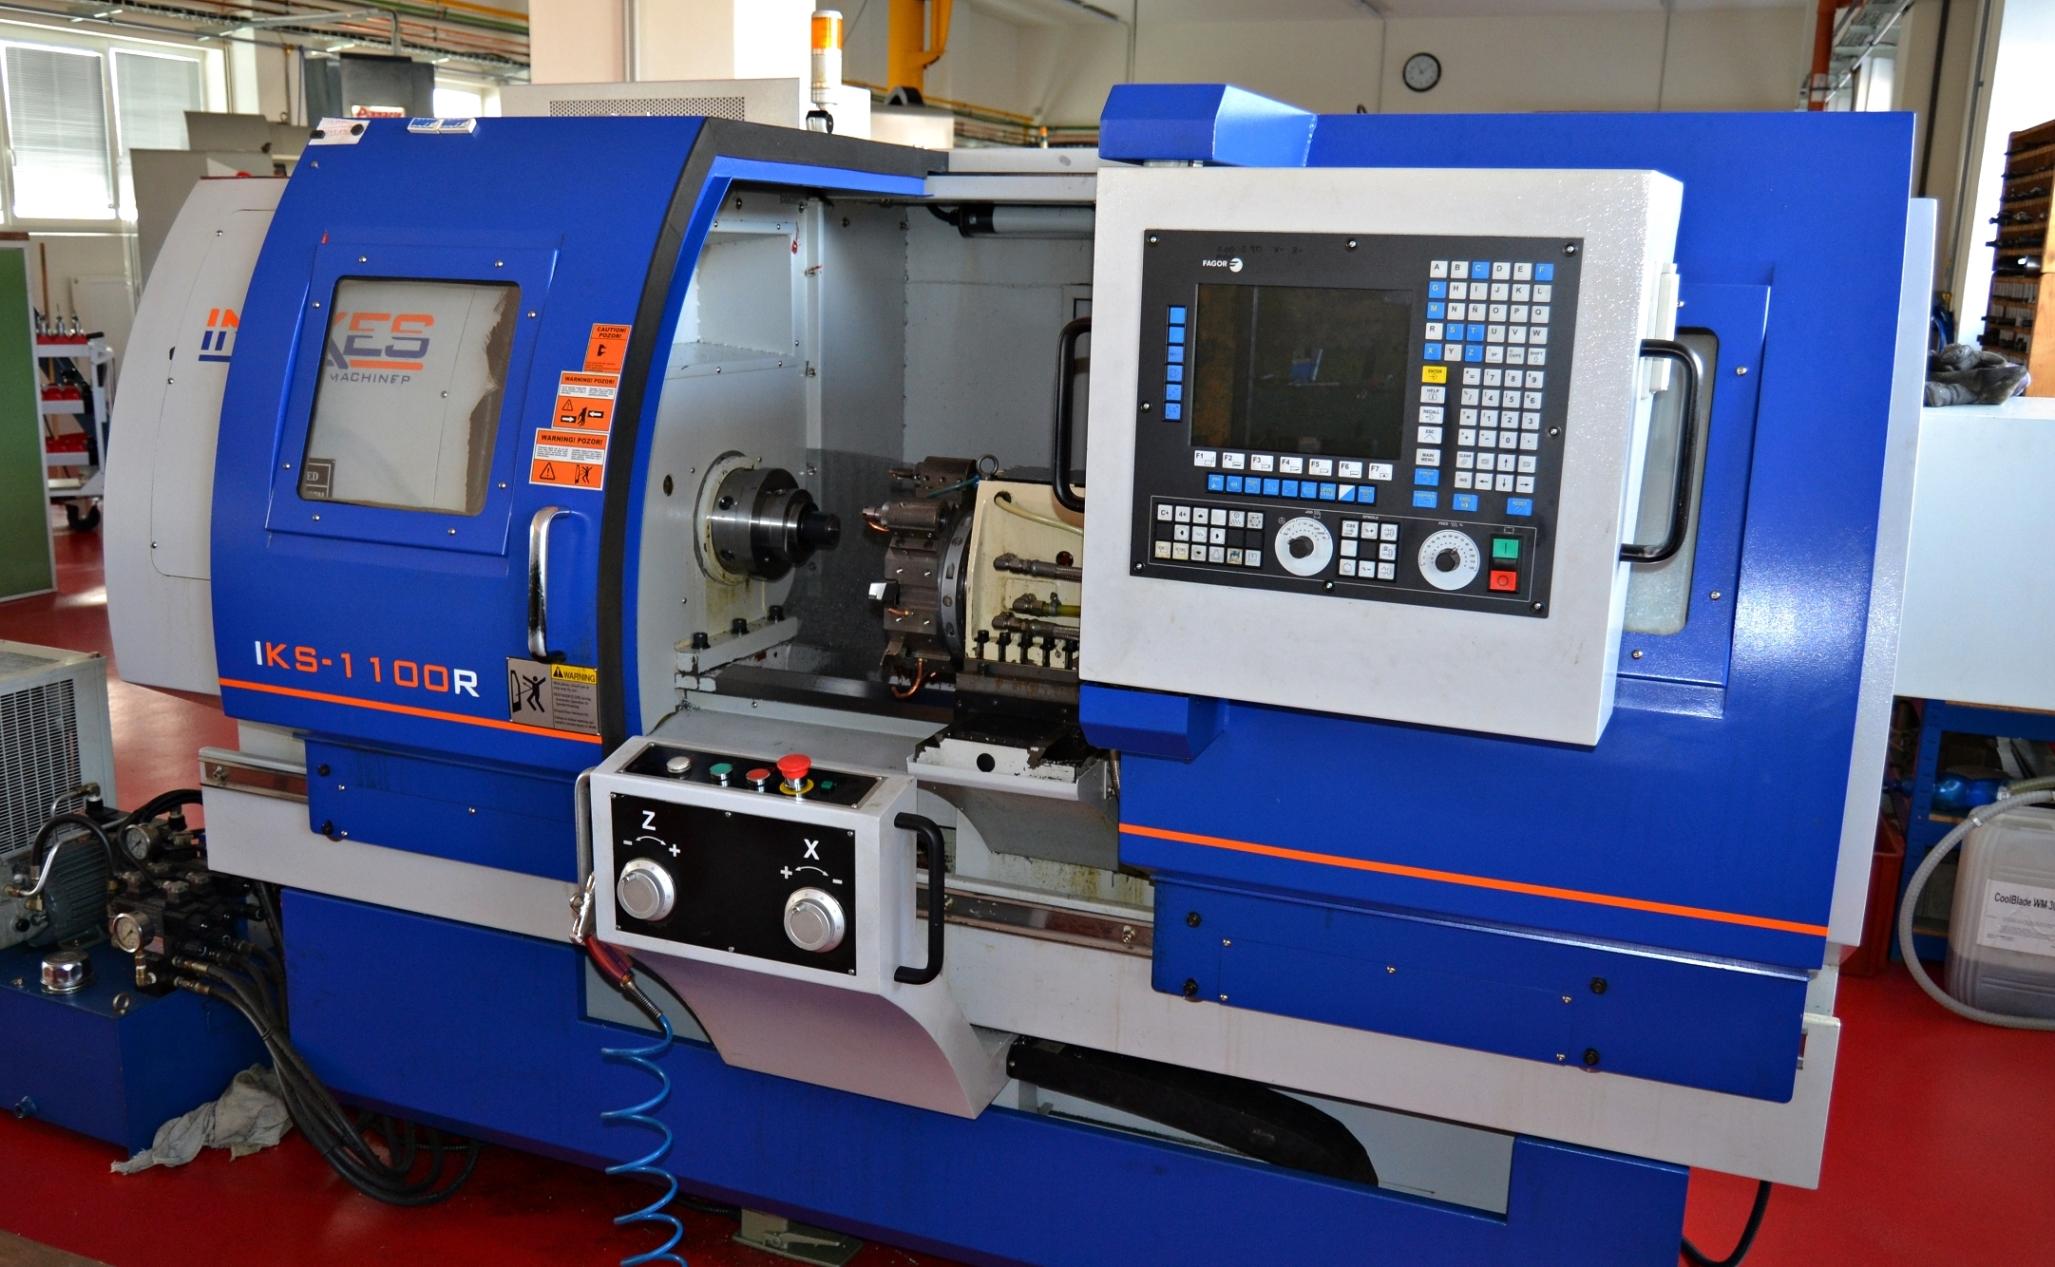 INAXES IKS1100R - CNC soustruhpracovní rozsah x=280mm; z=810mmřídící systém FAGOR 8055i/A-TC